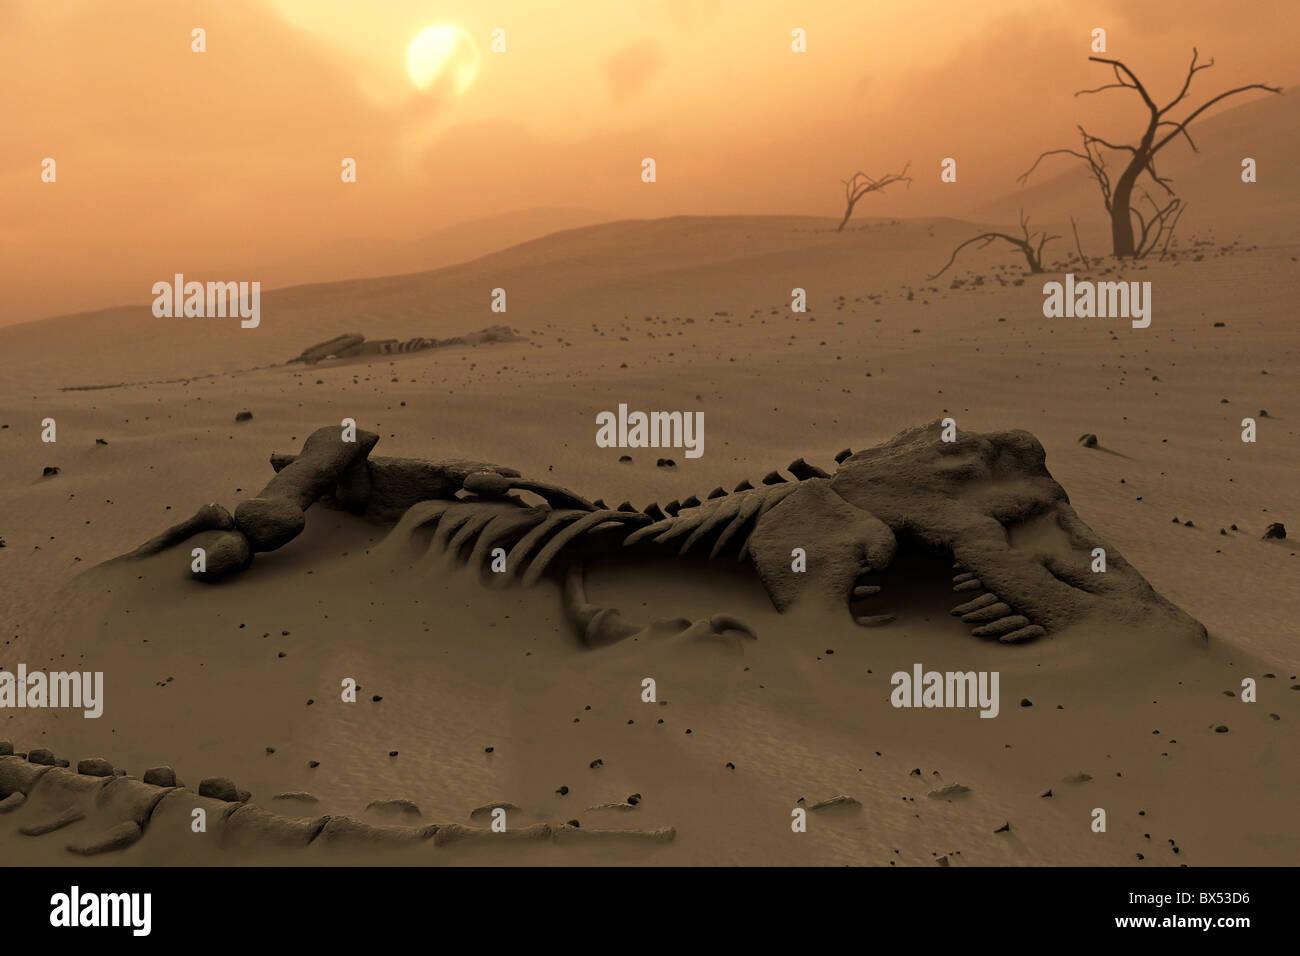 Dinosaur skeletons in the desert - Stock Image